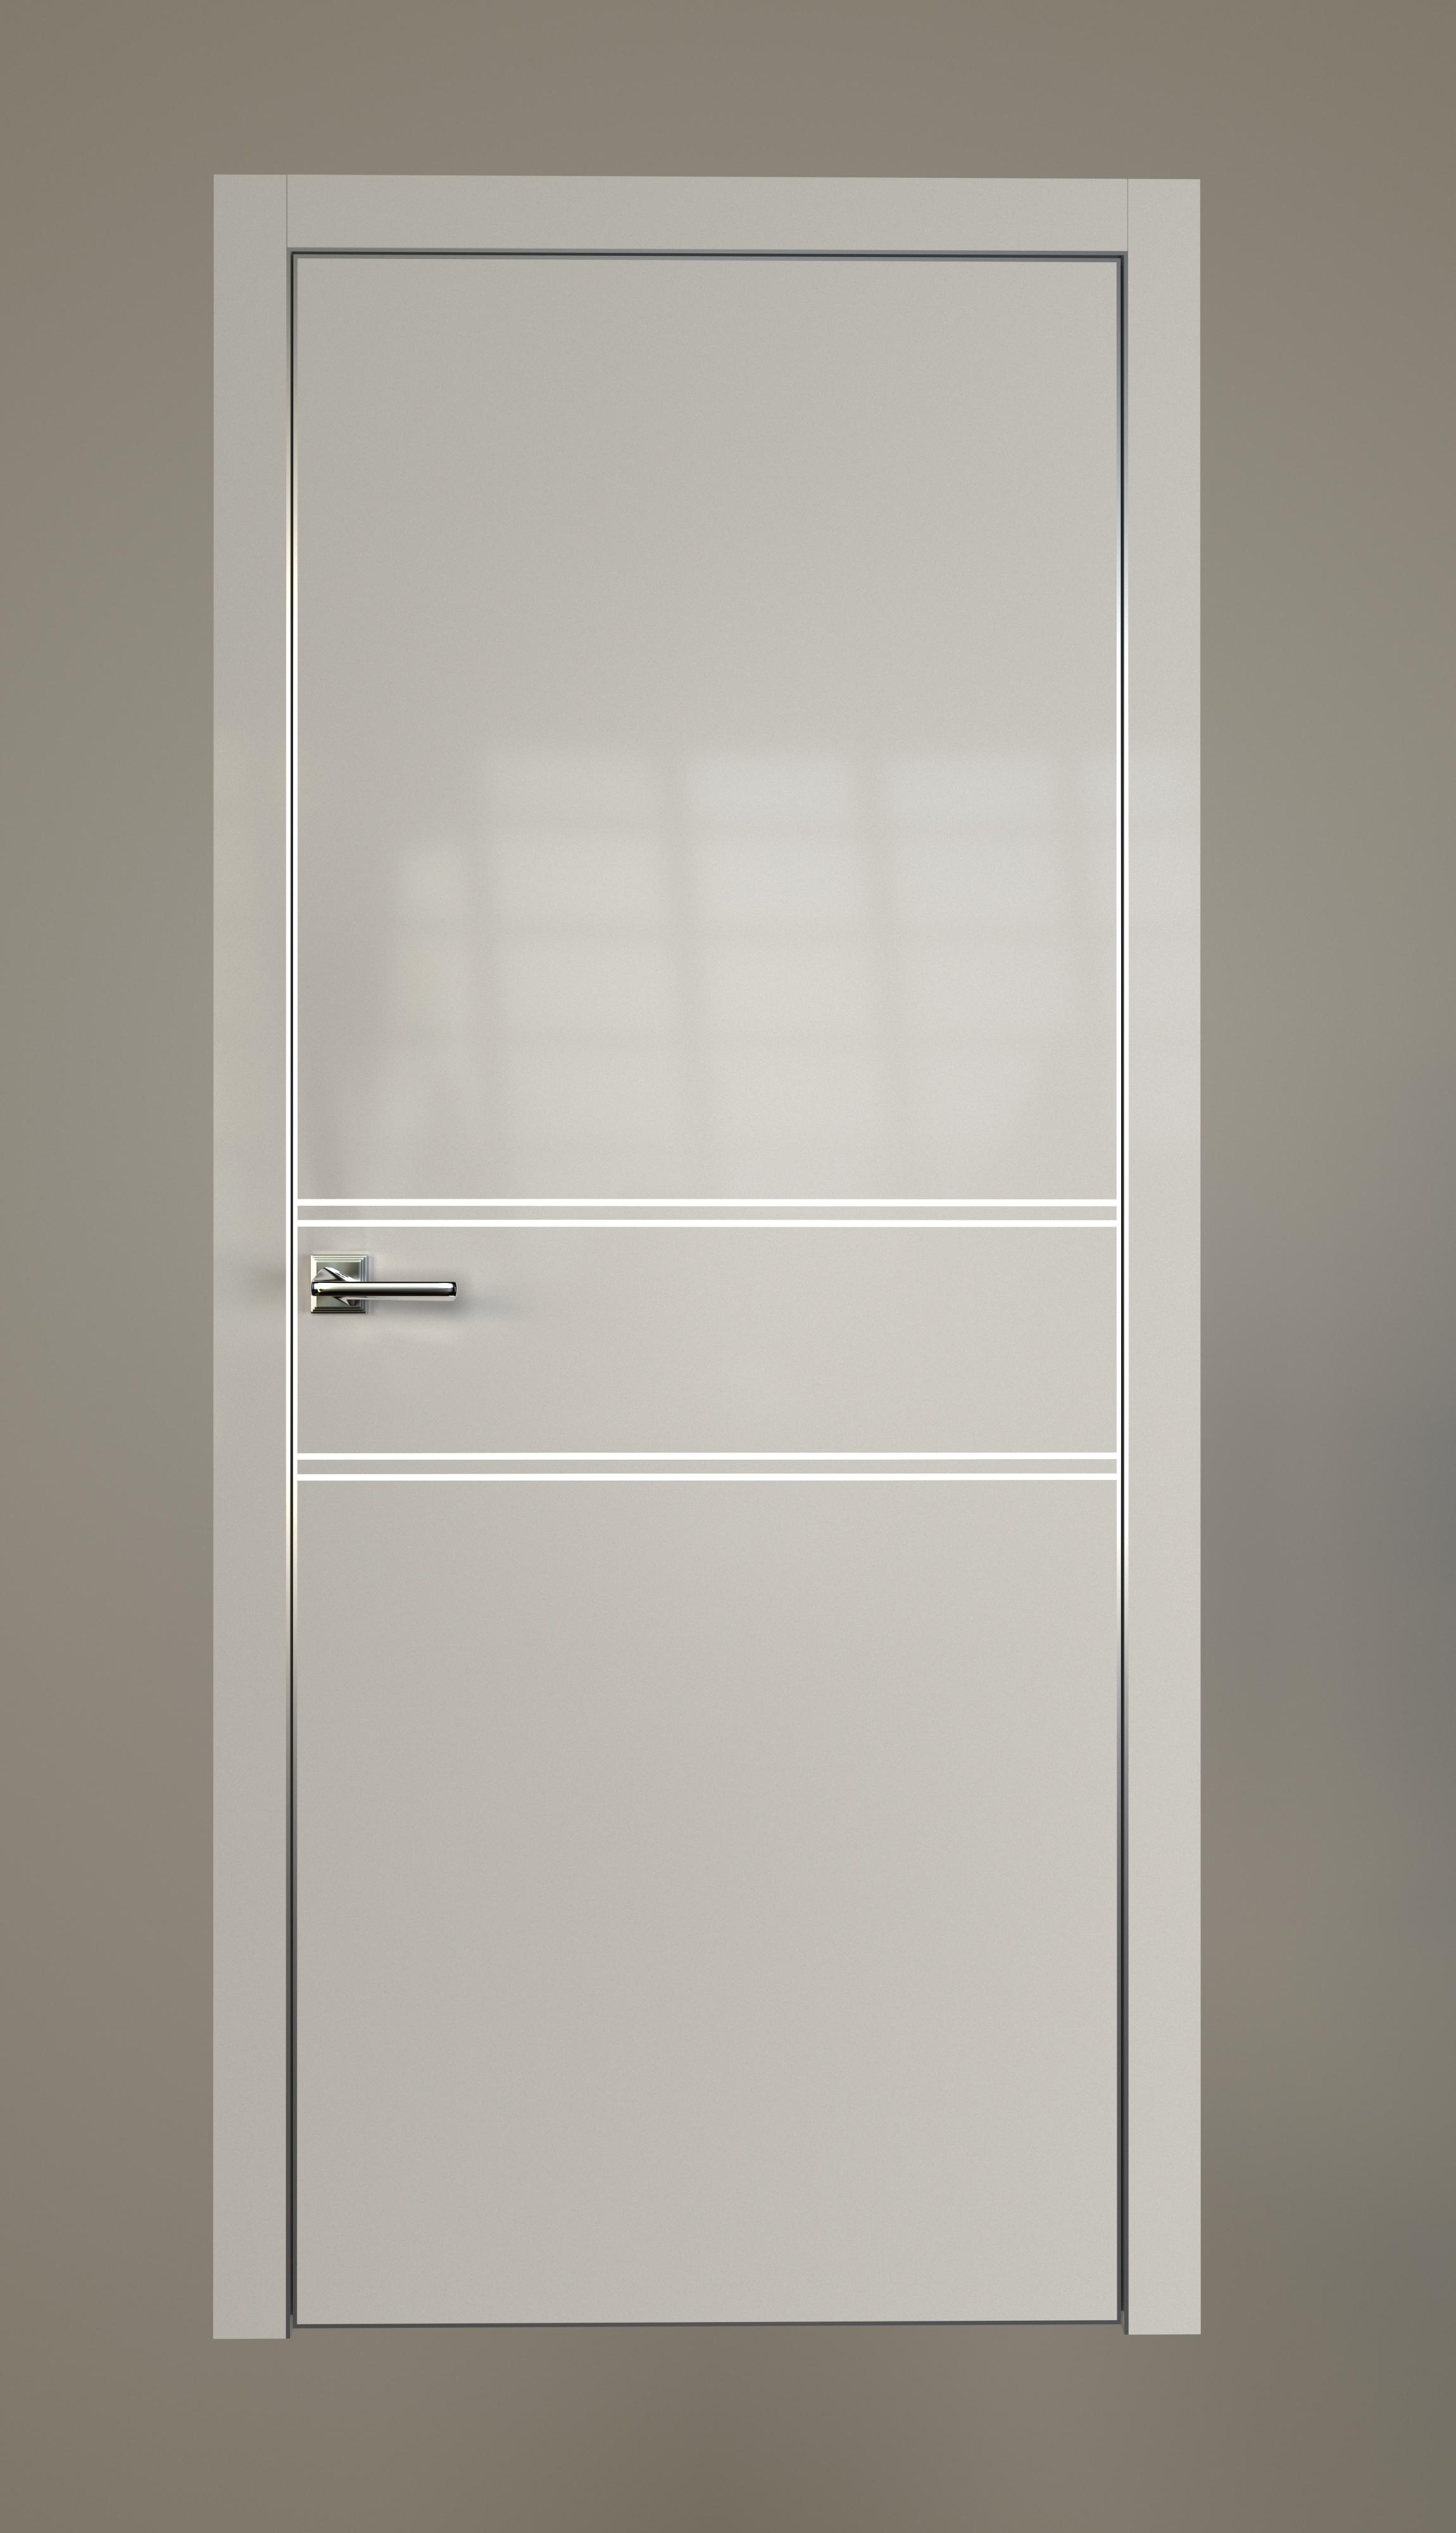 Картинка Эмалированные двери 5